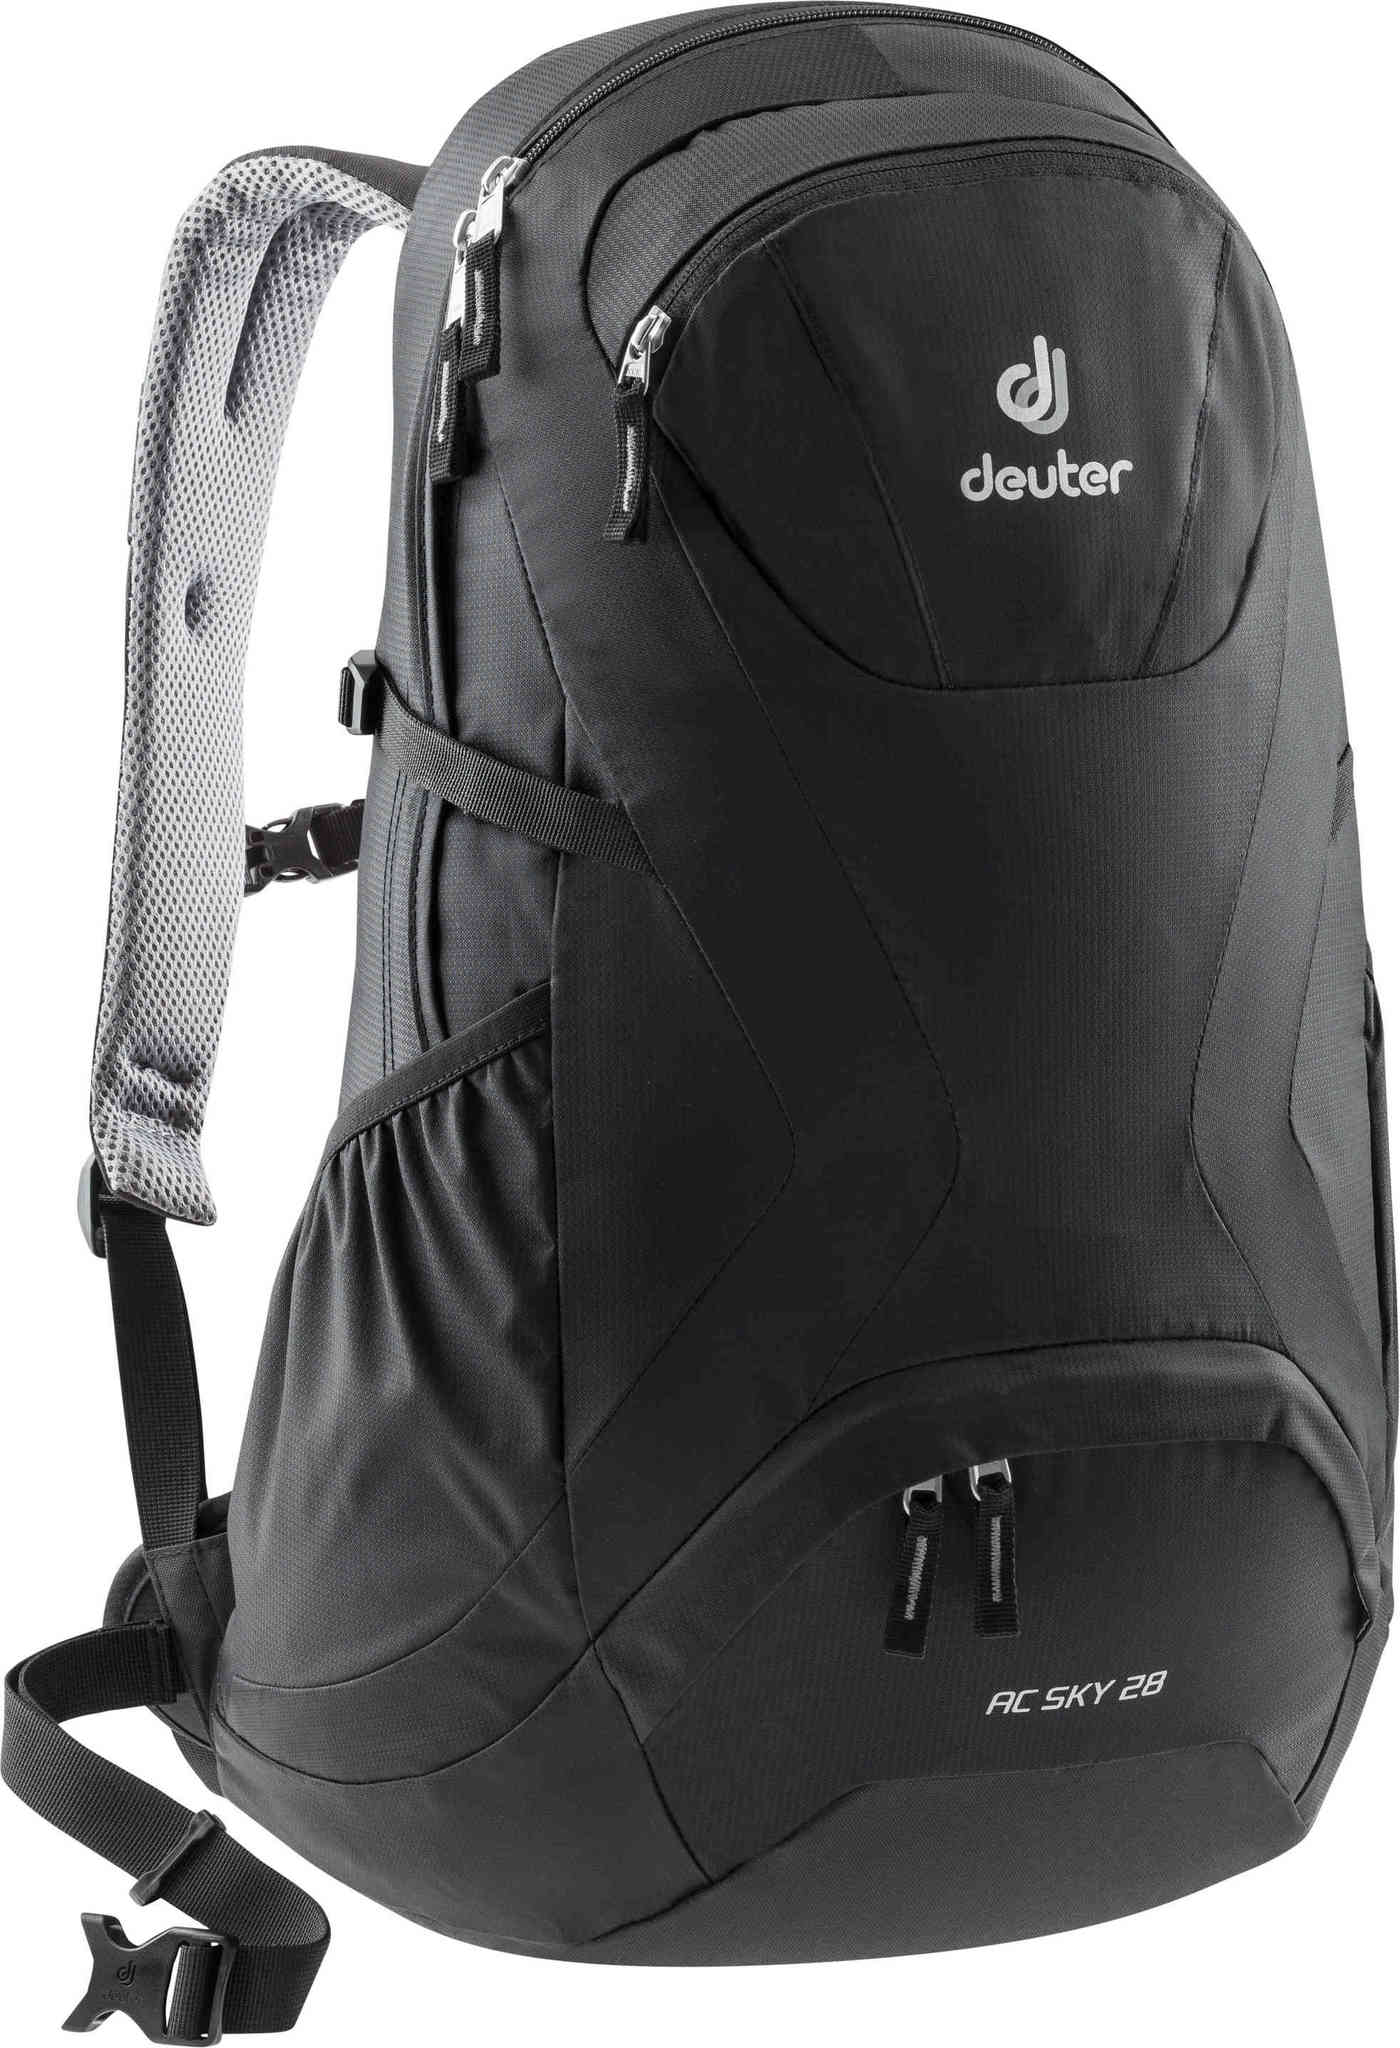 Туристические рюкзаки легкие Рюкзак Deuter AC Sky 28 (2020) 6420220_7000.jpg